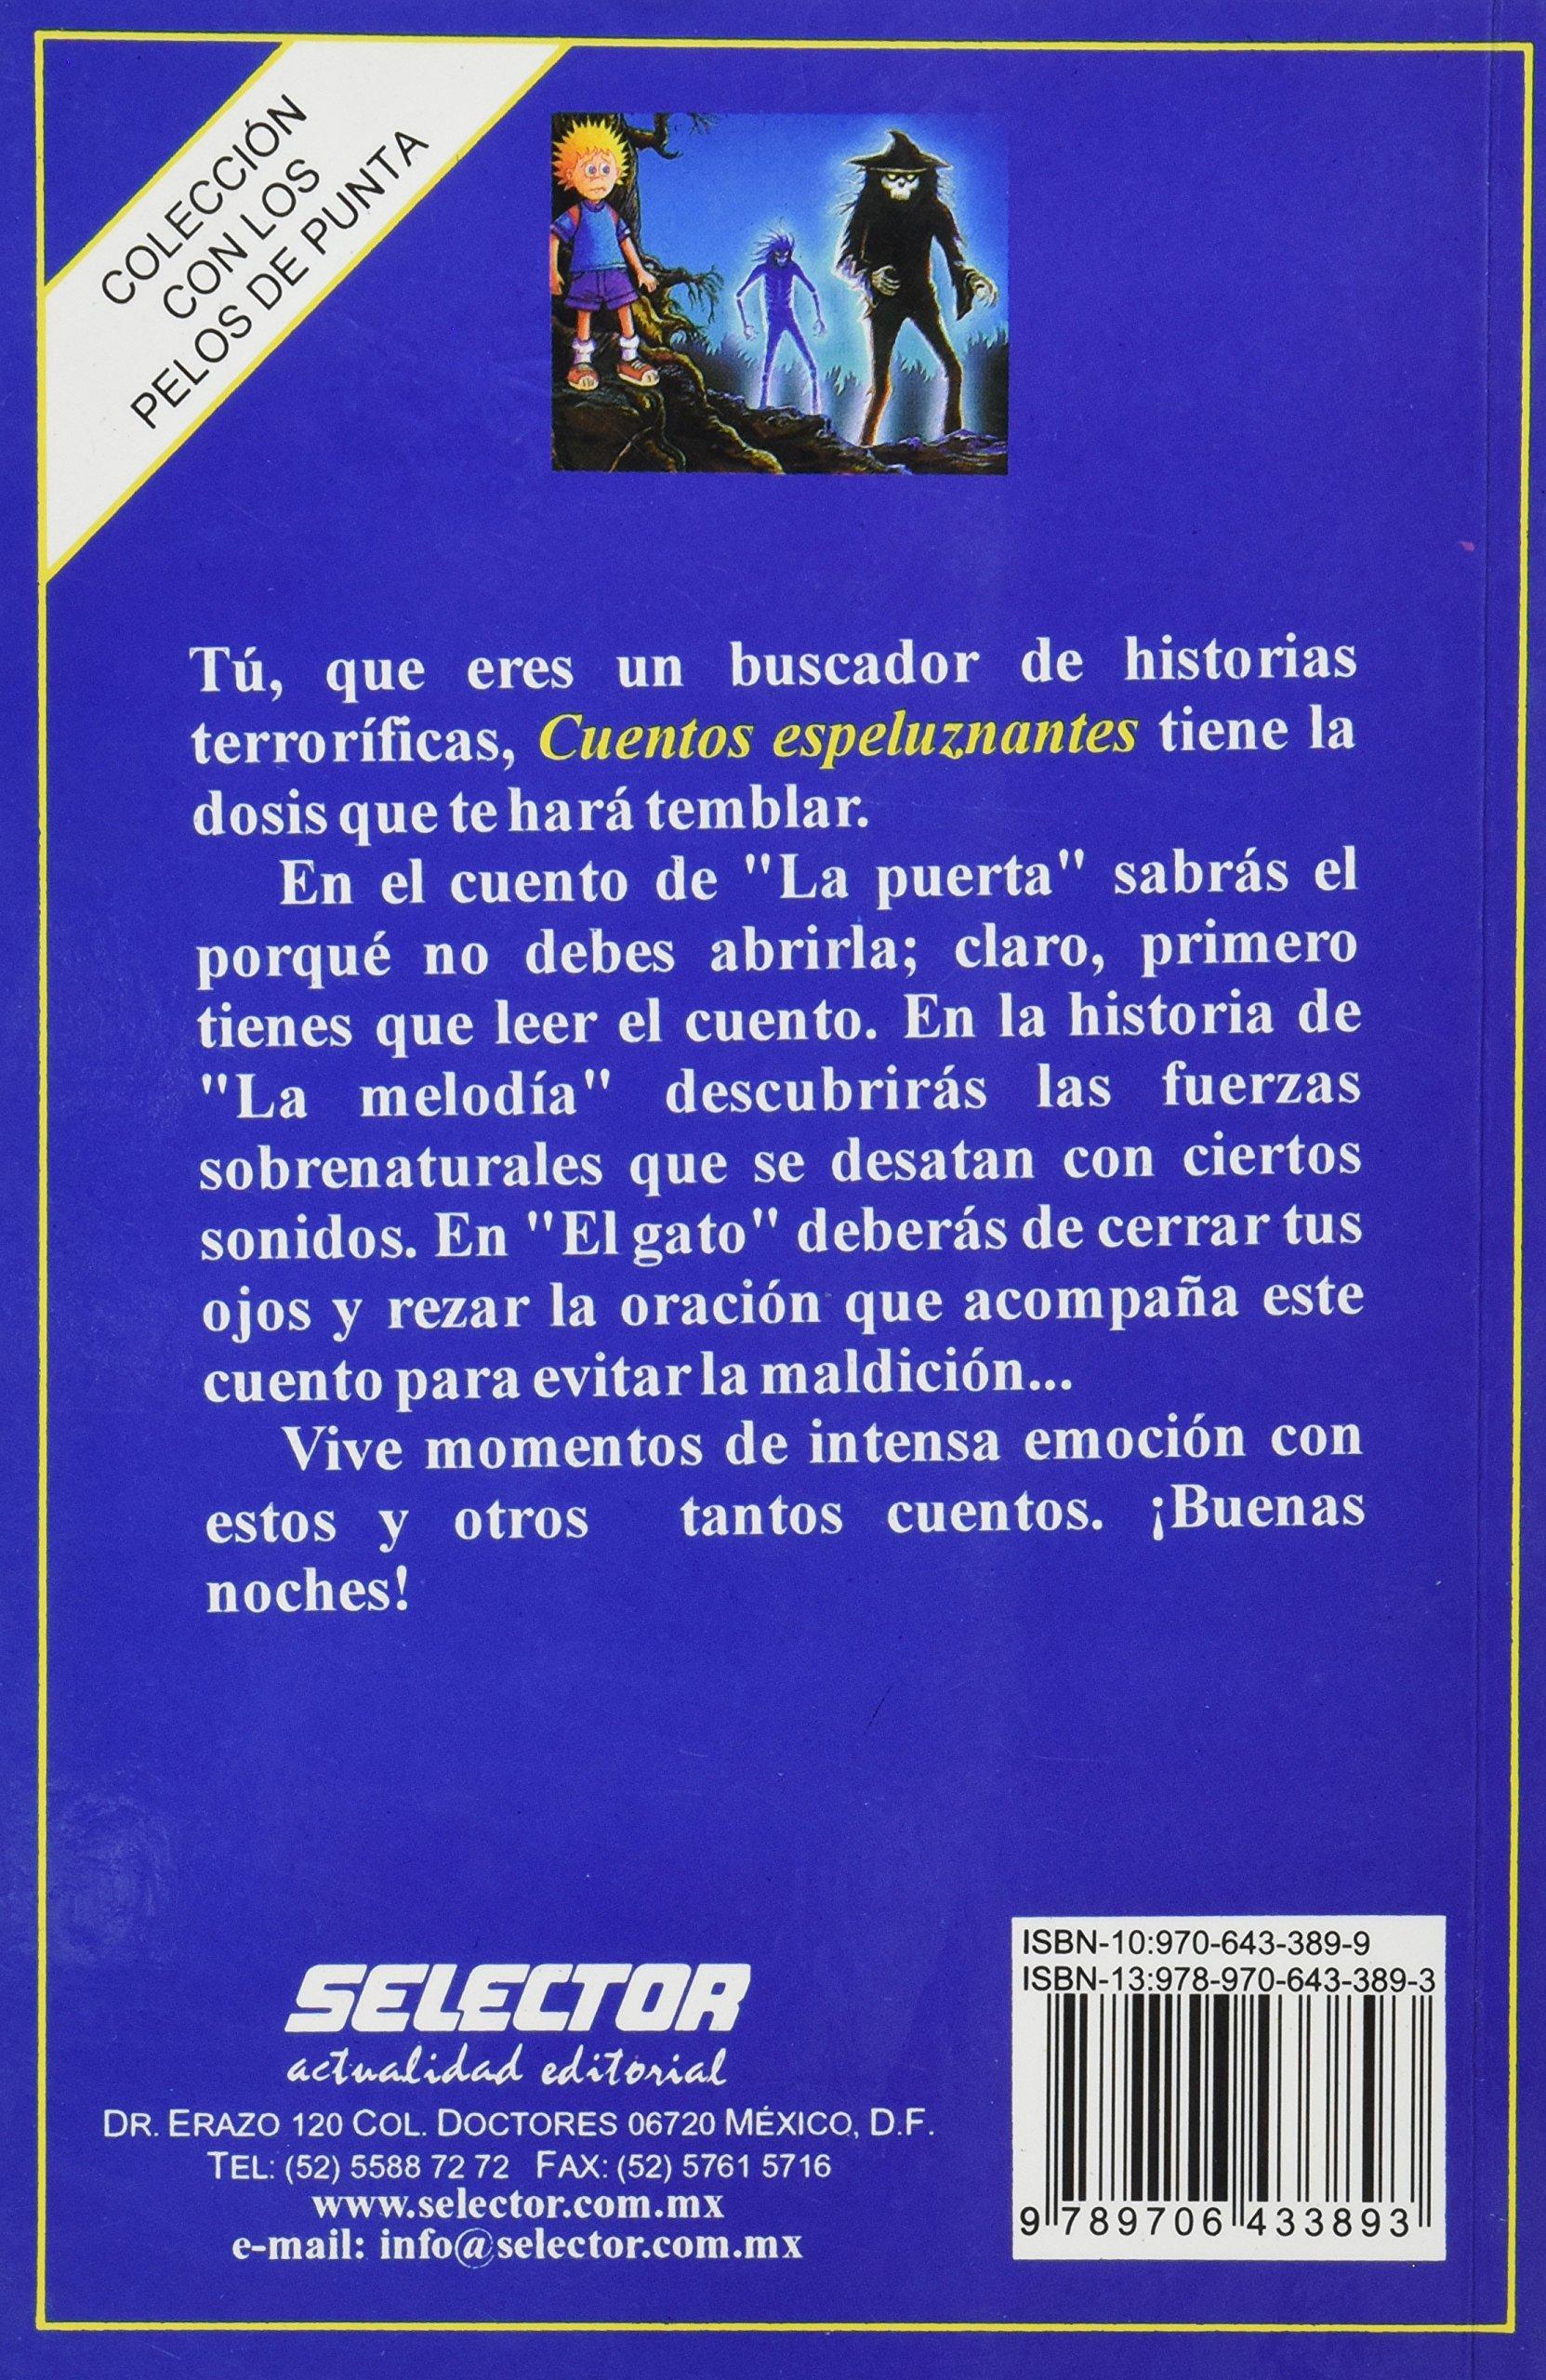 Cuentos espeluznantes (Con Los Pelos De Punta / Goose Bumps) (Spanish Edition): Gregory C. Phillips: 9789706433893: Amazon.com: Books